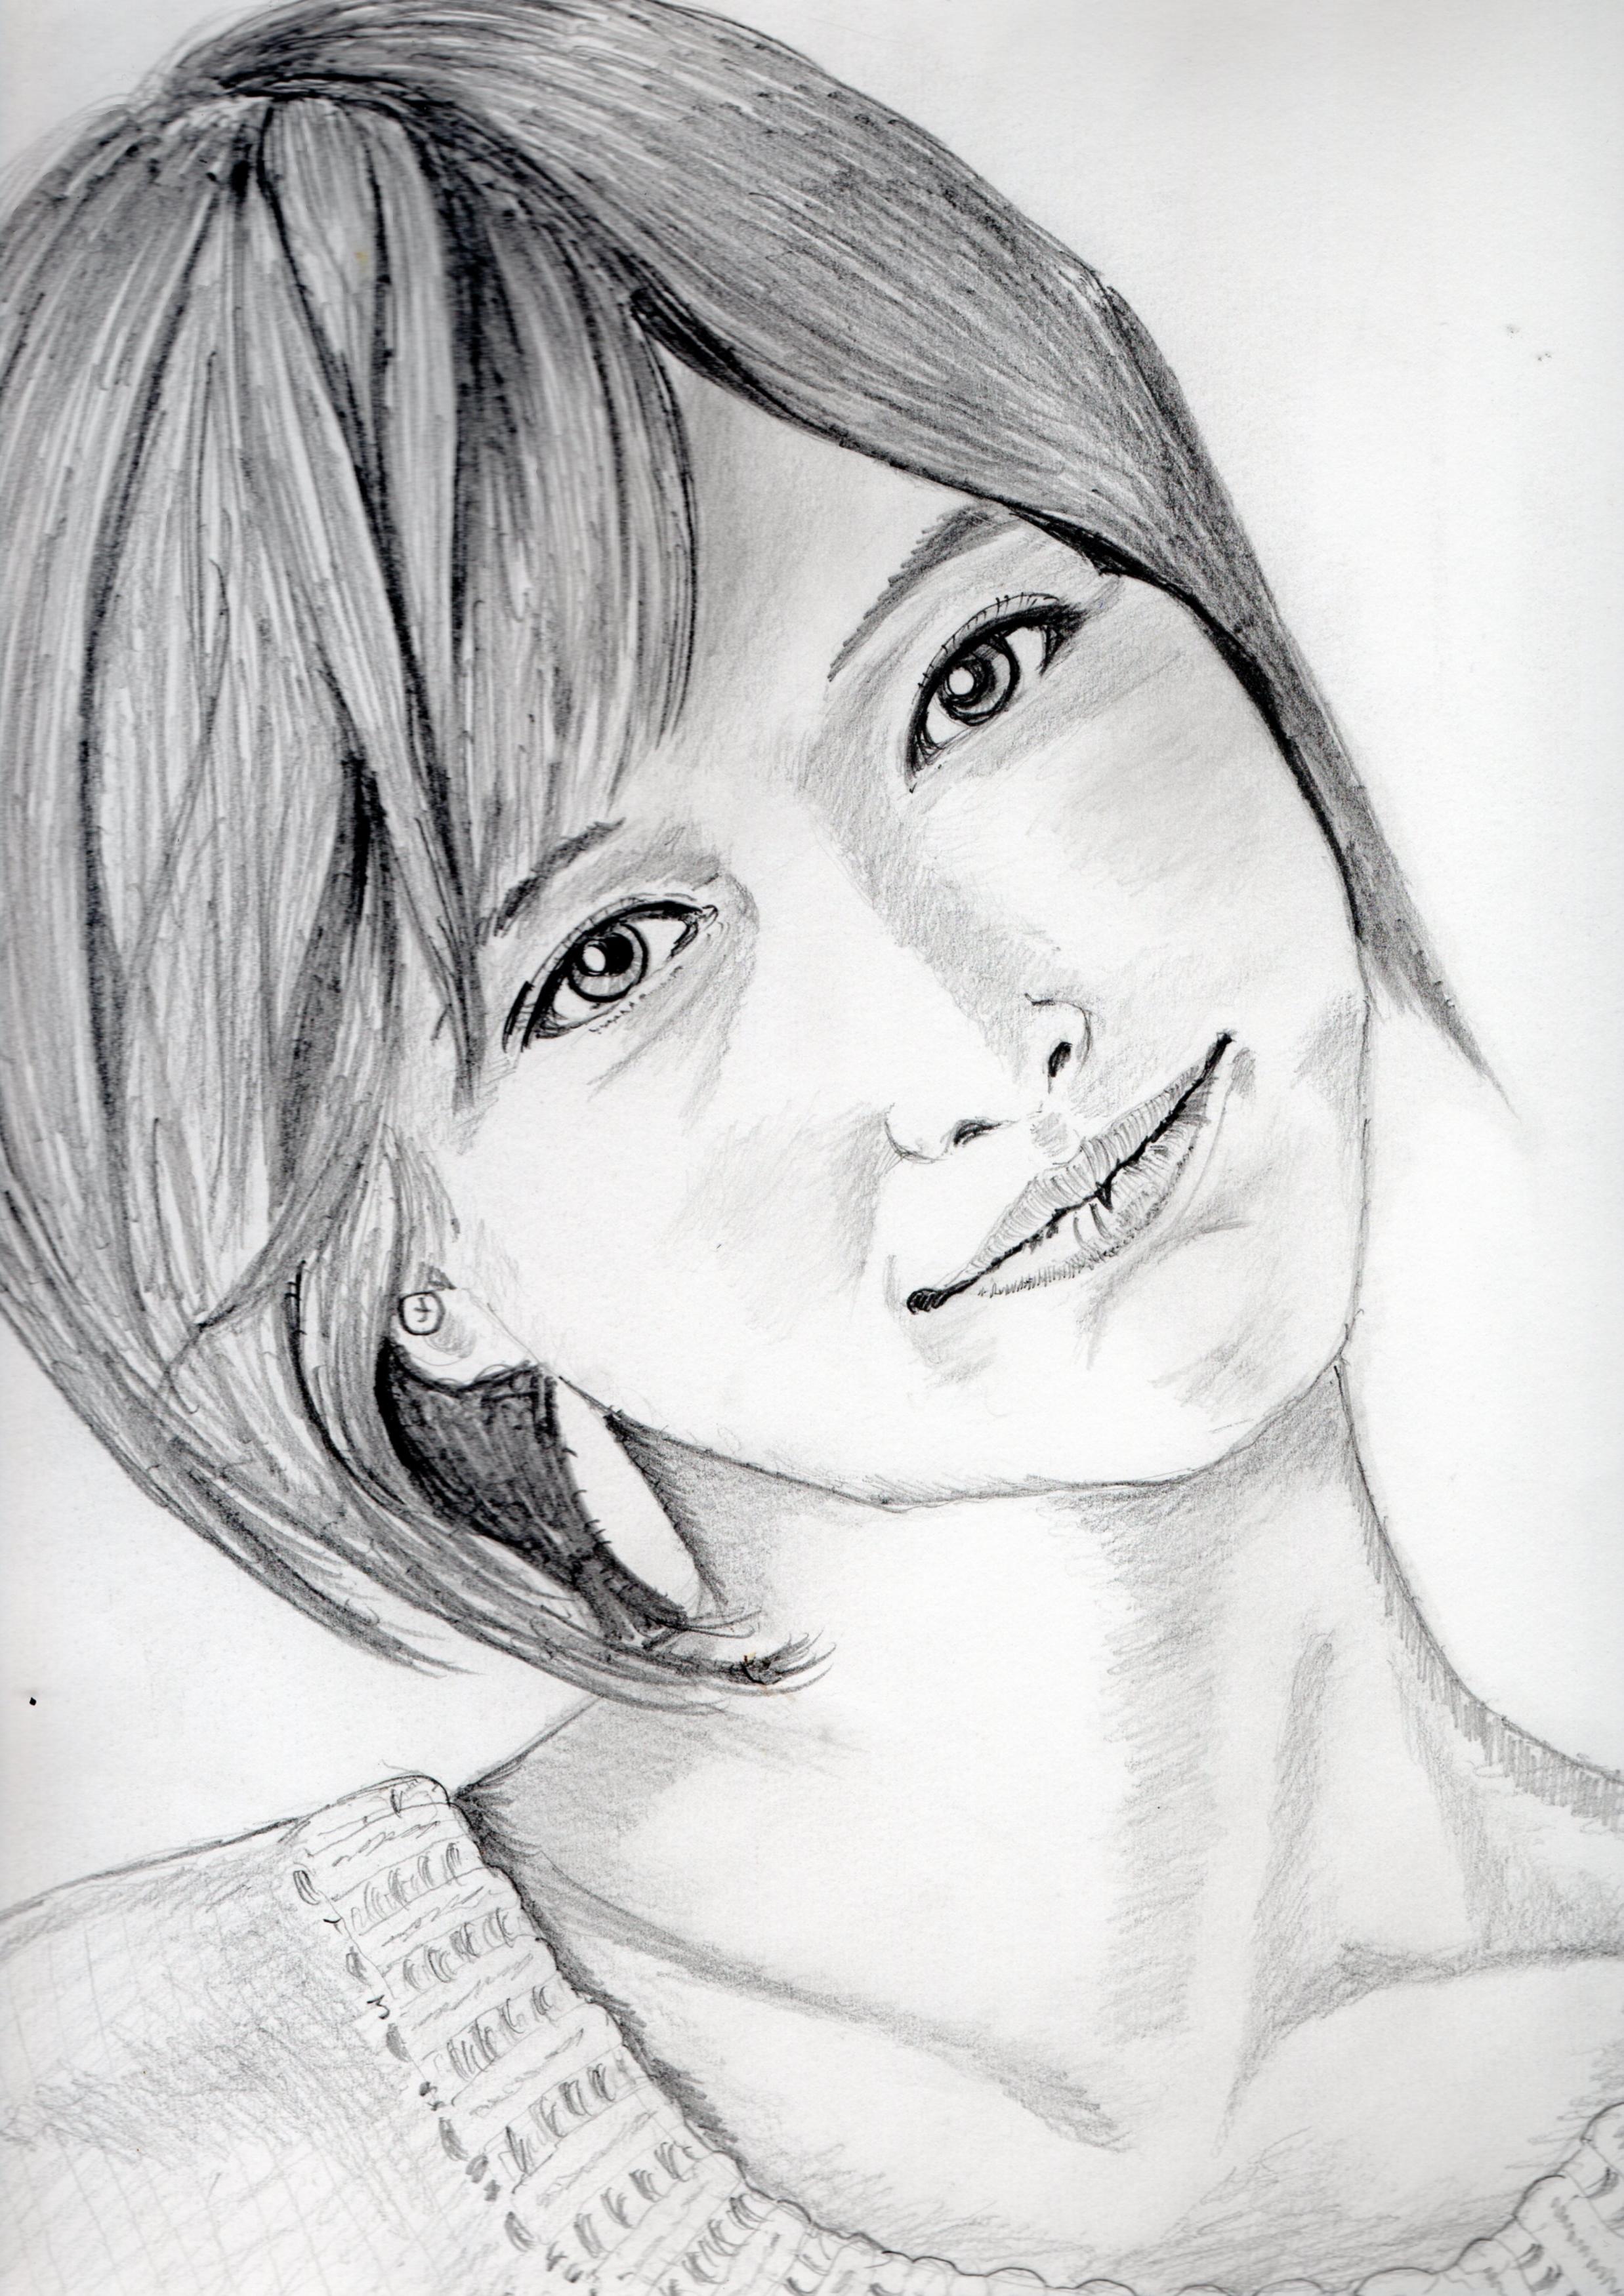 本田翼の鉛筆画似顔絵